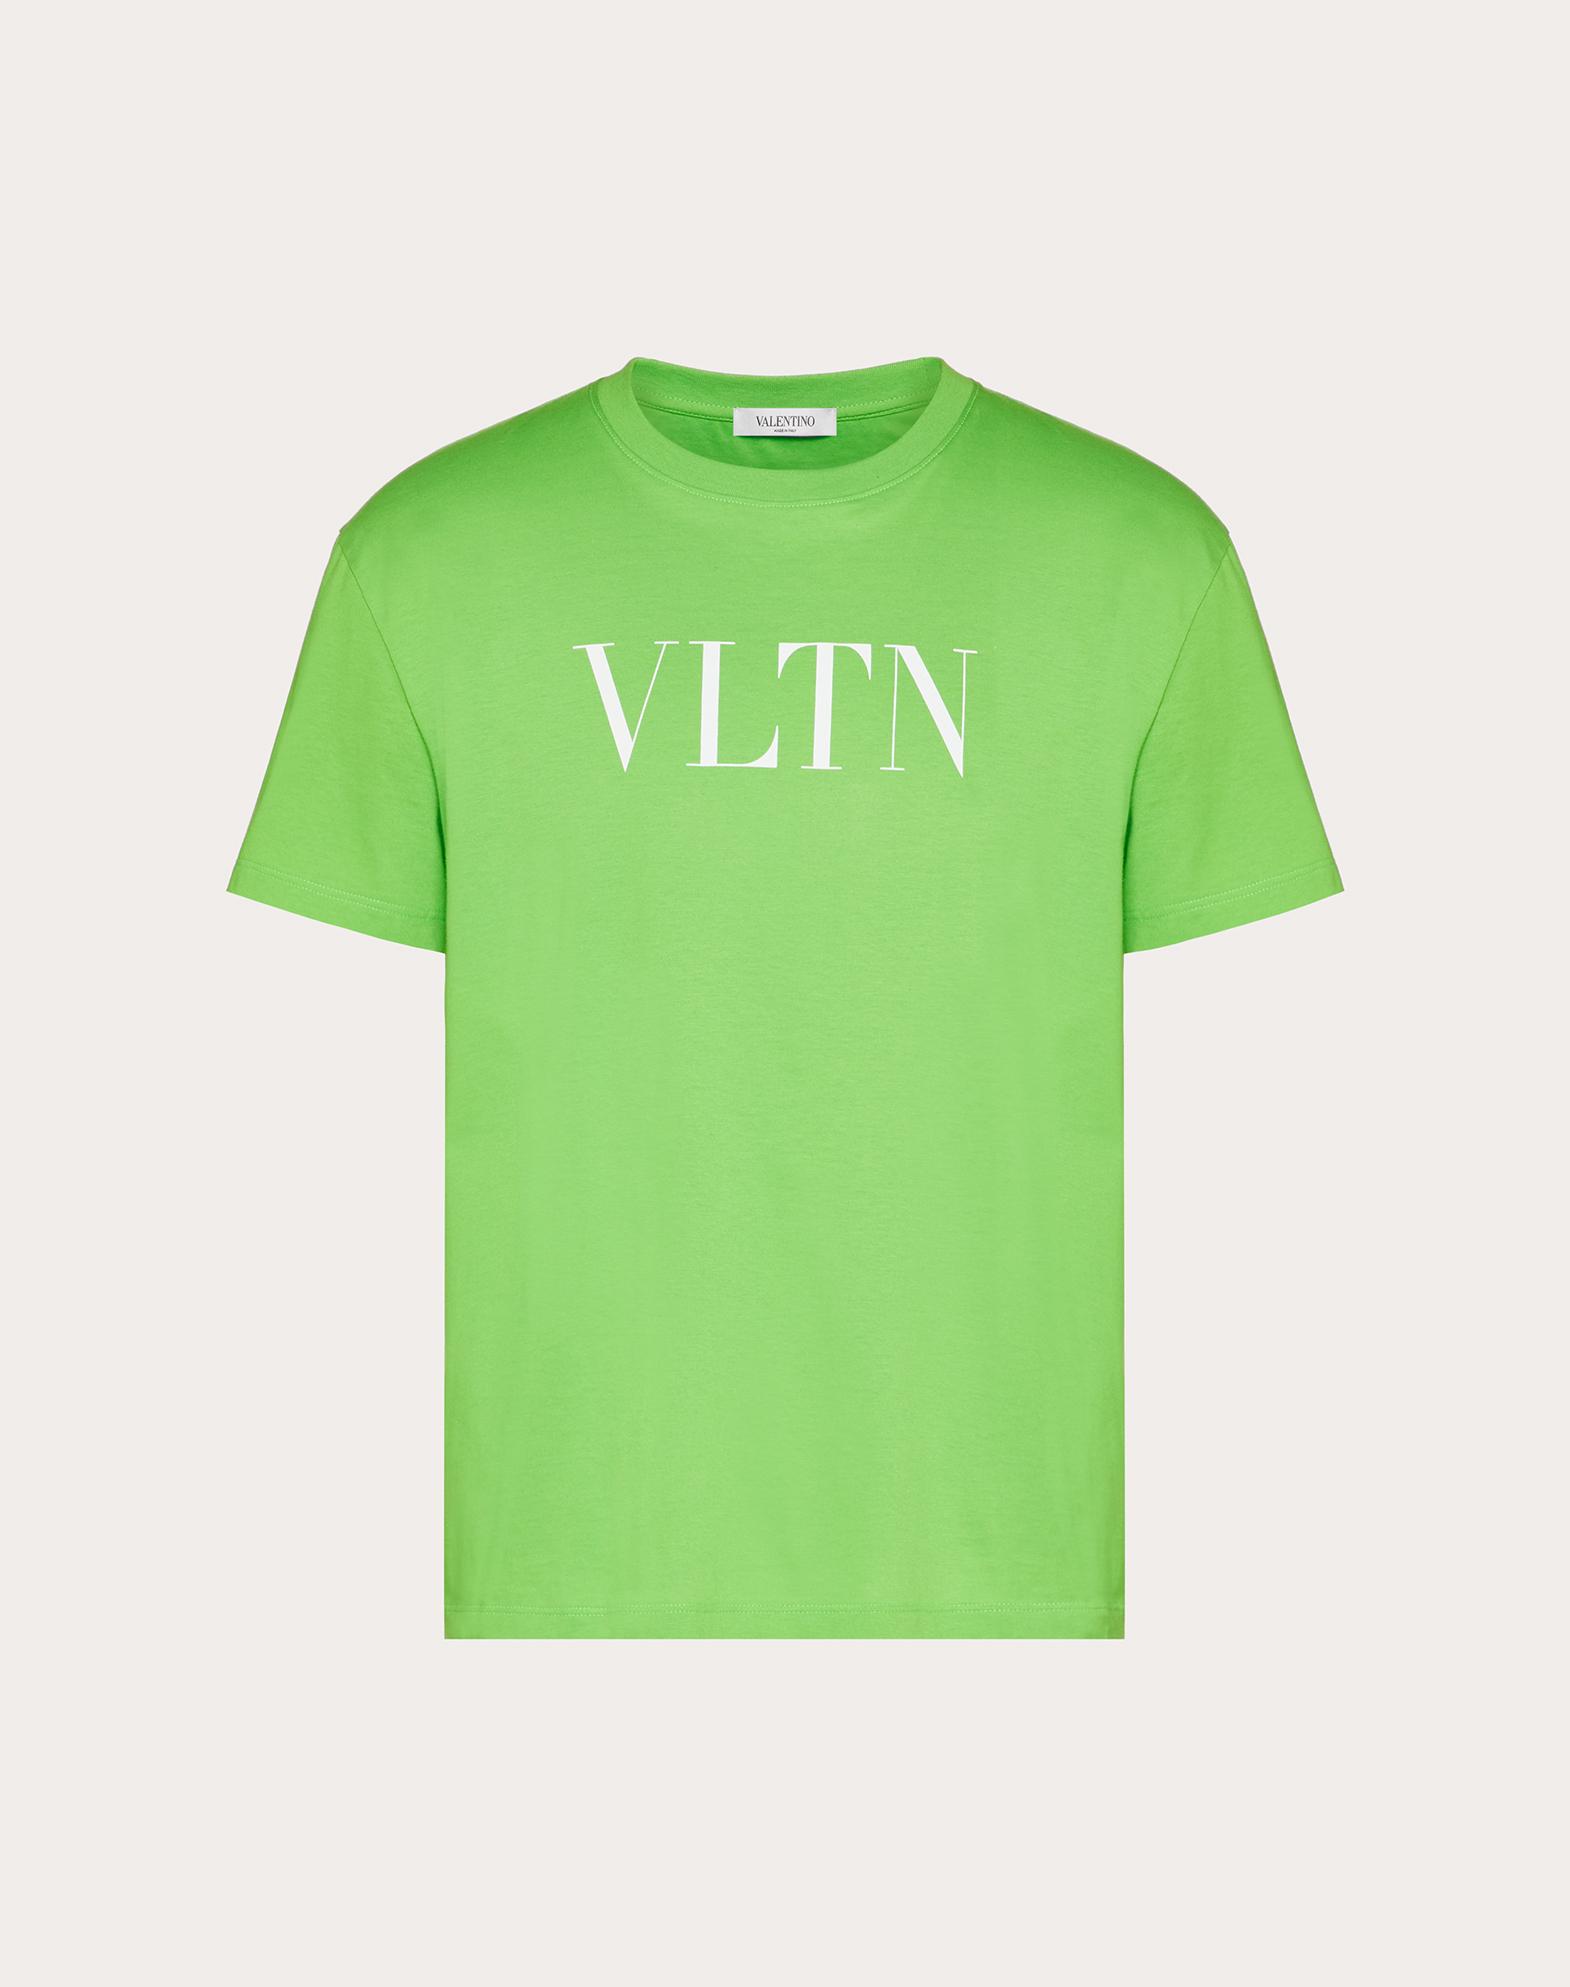 NEON VLTN T-SHIRT